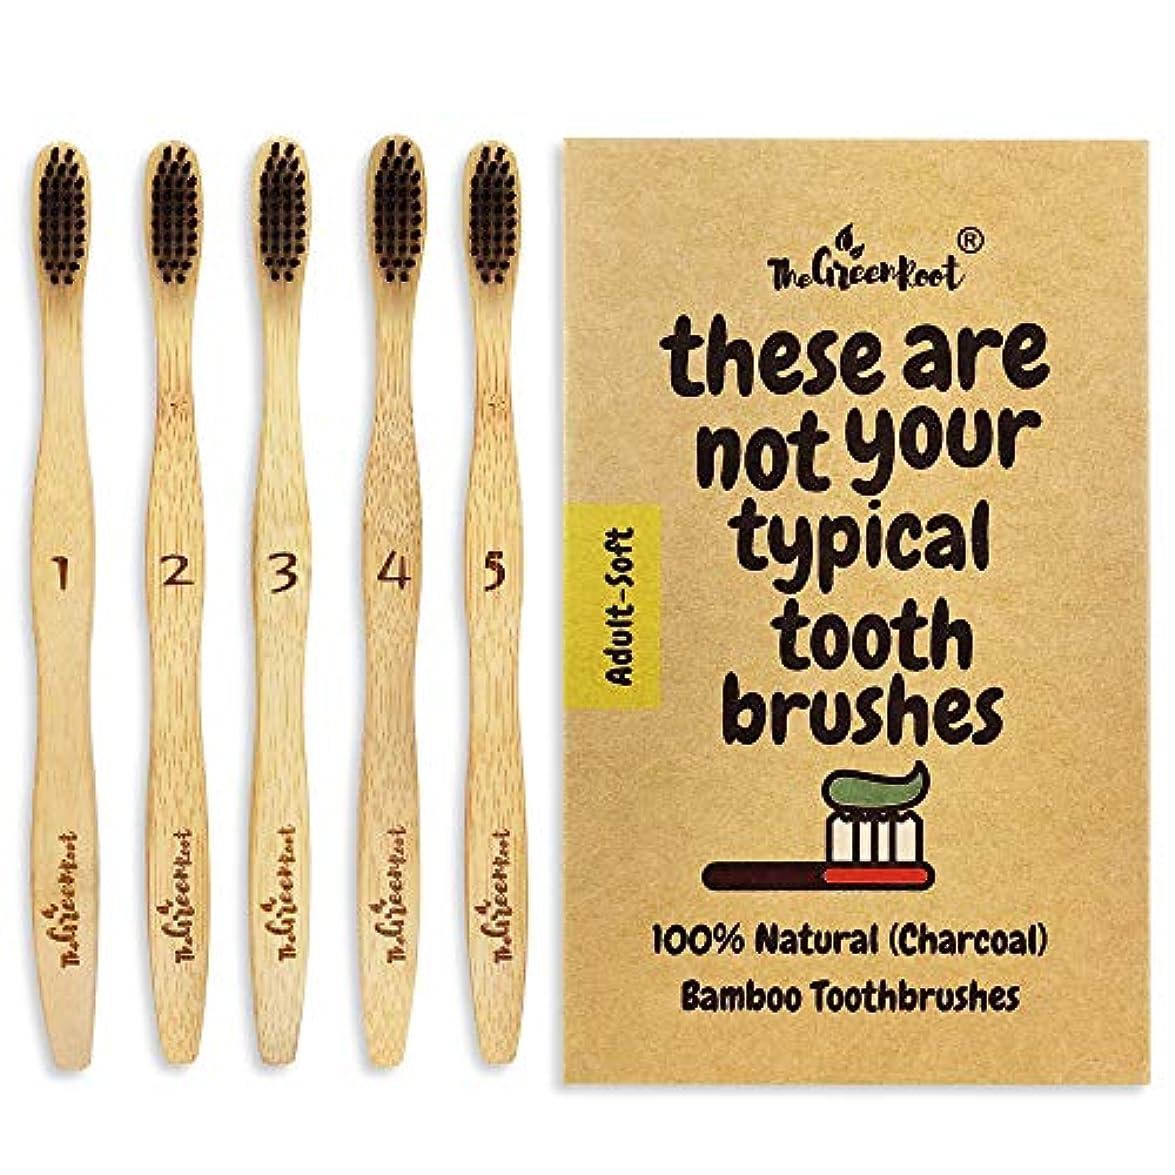 中にひねり瞑想するNatural Charcoal Bamboo Toothbrushes (Pack of 5) for Adults with Soft Bio-Based Nylon Bristles - Individually...